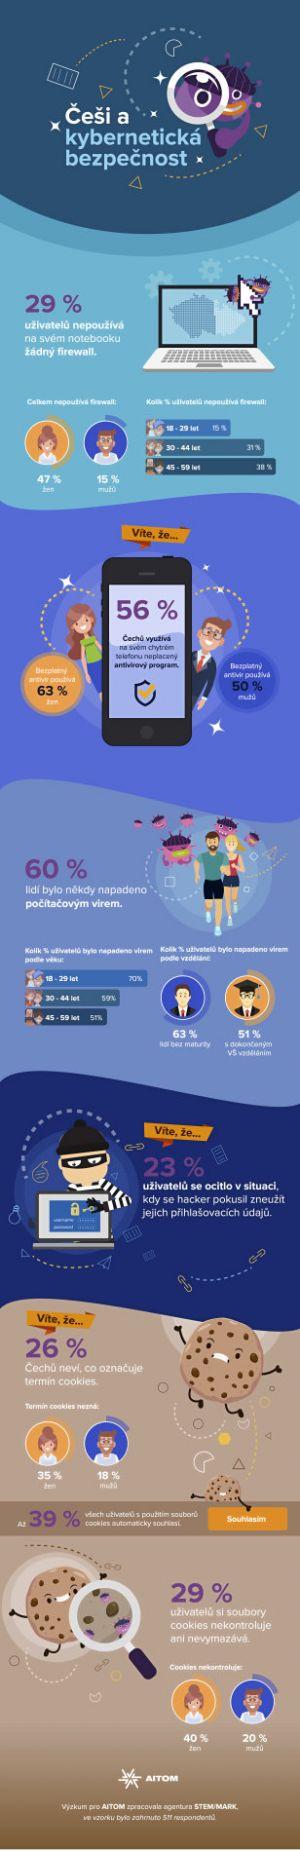 Infografika - Kyberbezpečnost